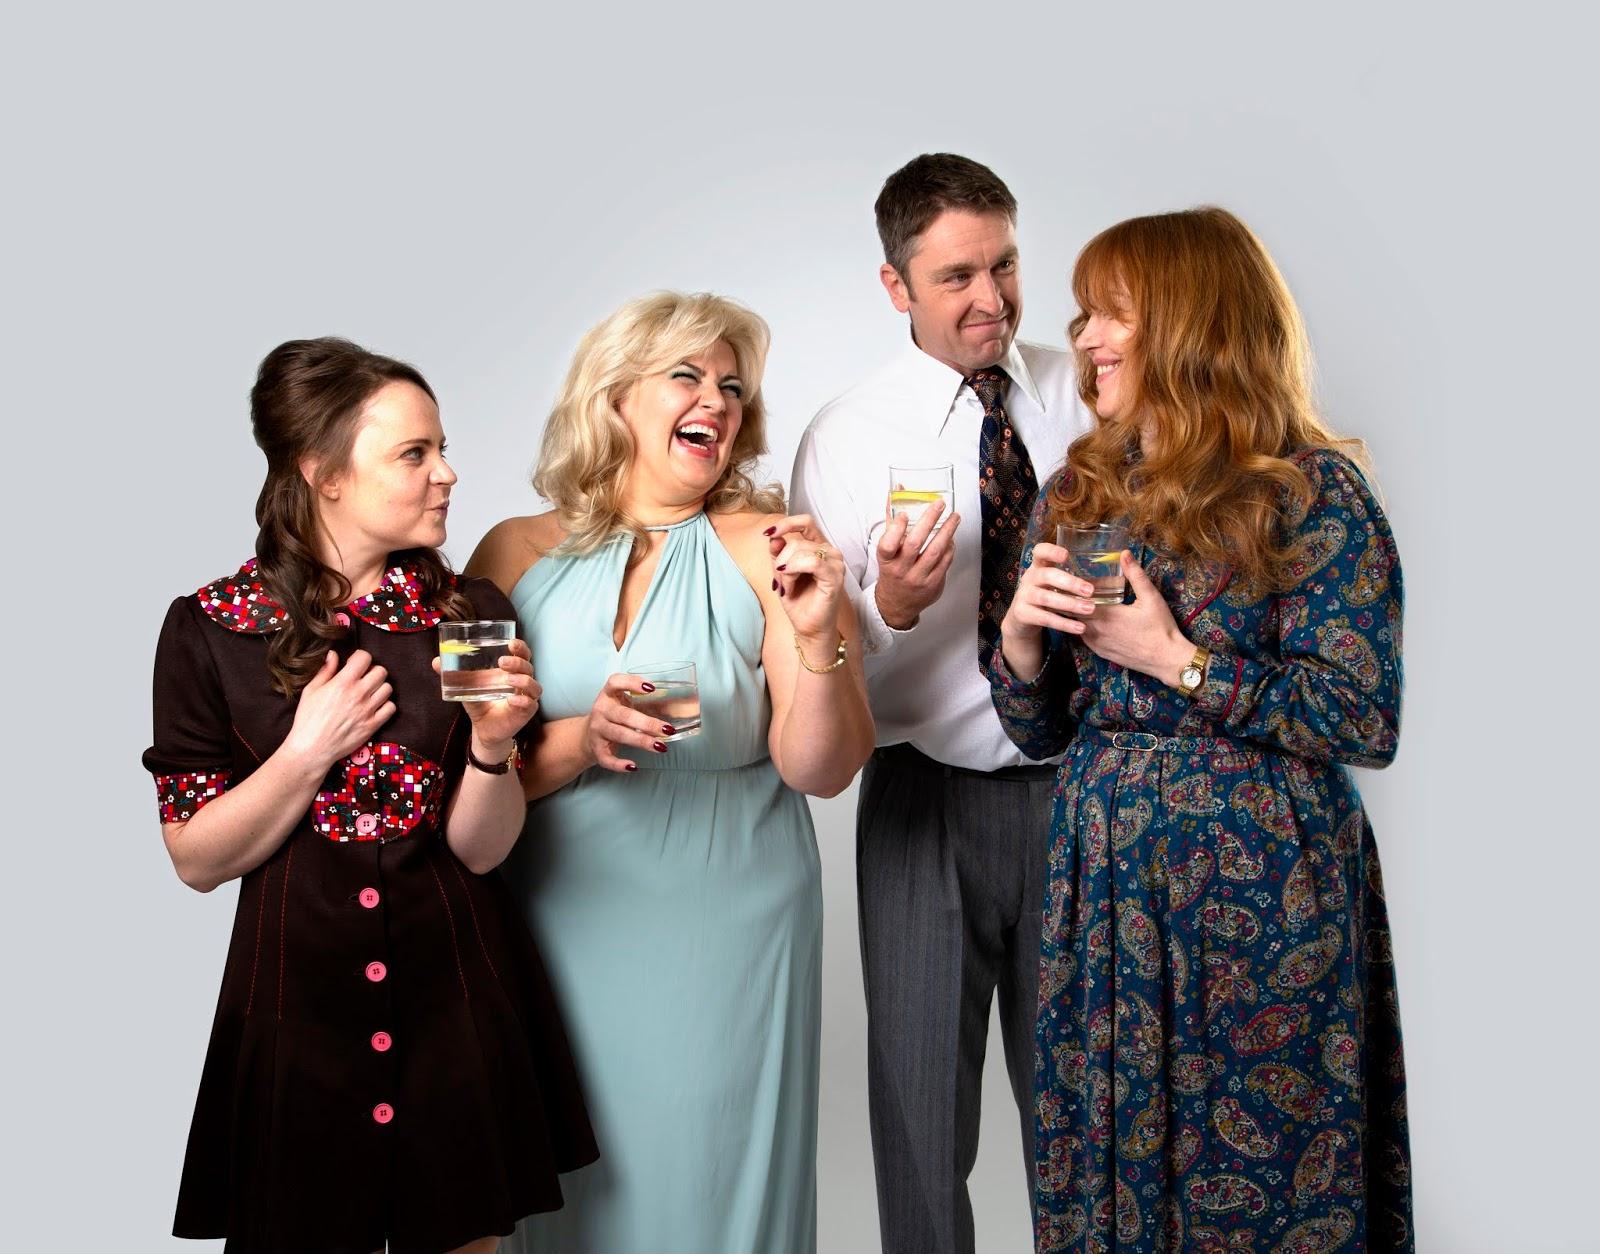 Abigails Party Uk Tour Orchard Theatre Review